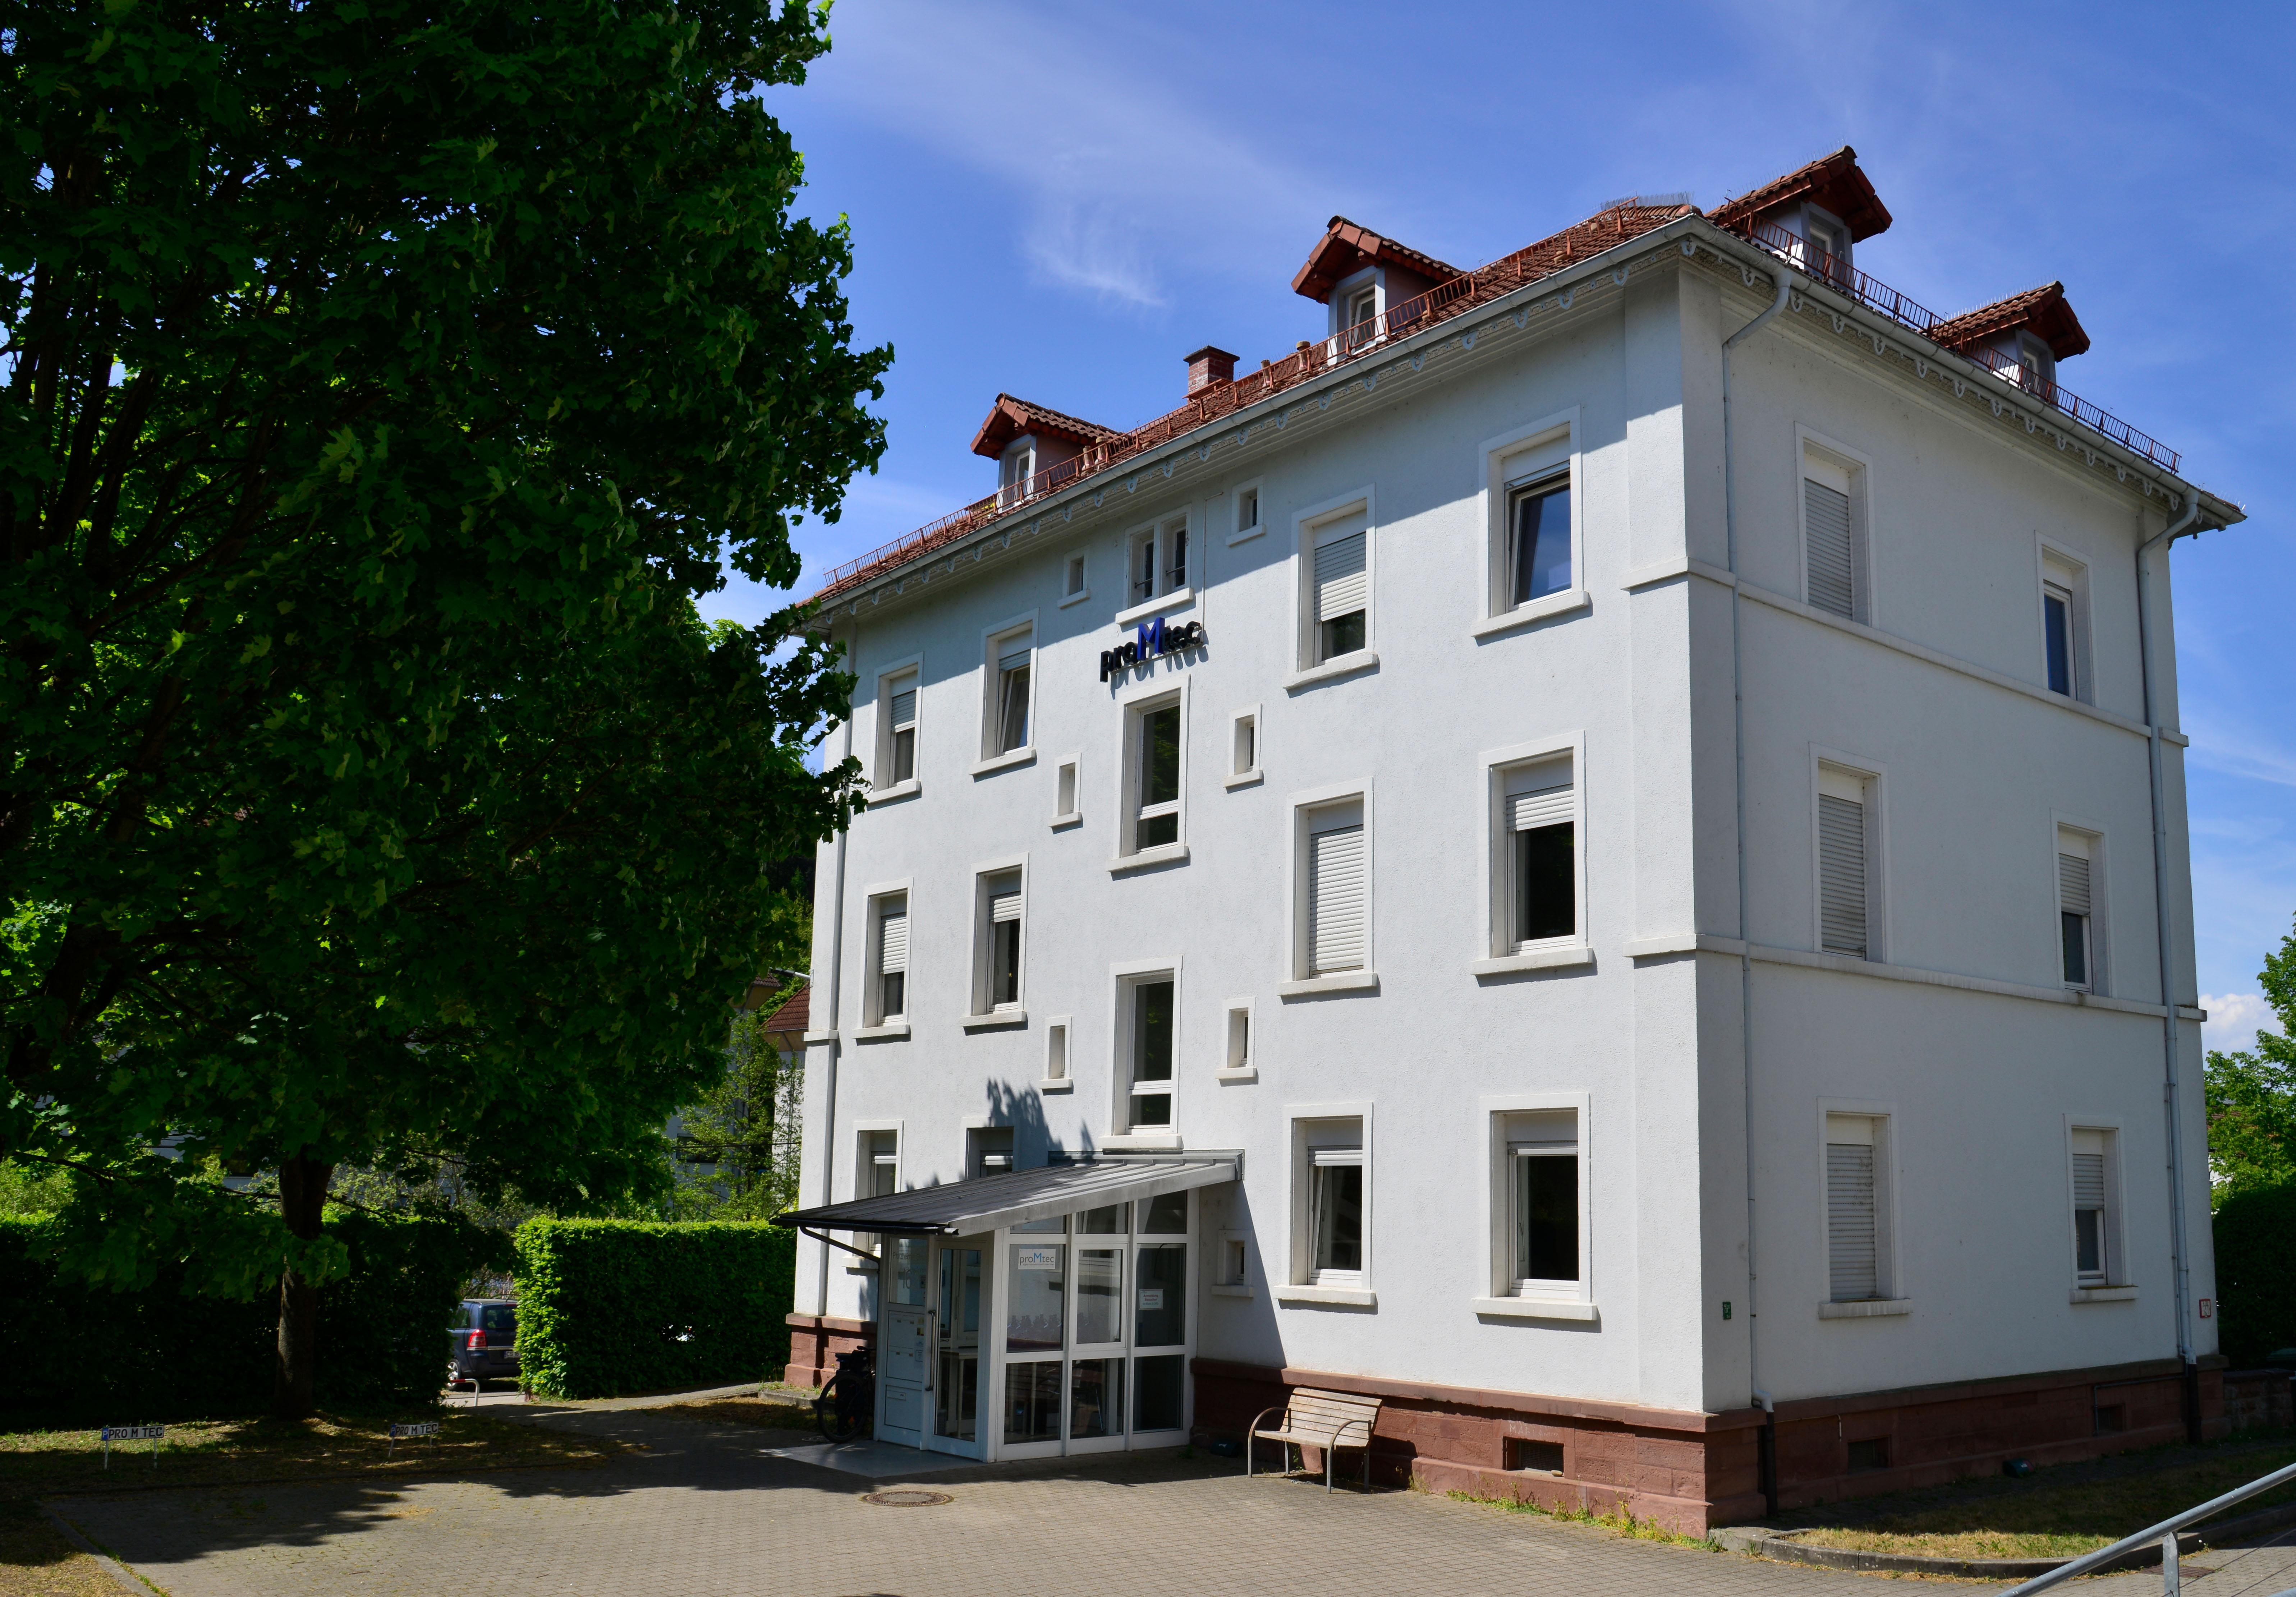 außenhaus1